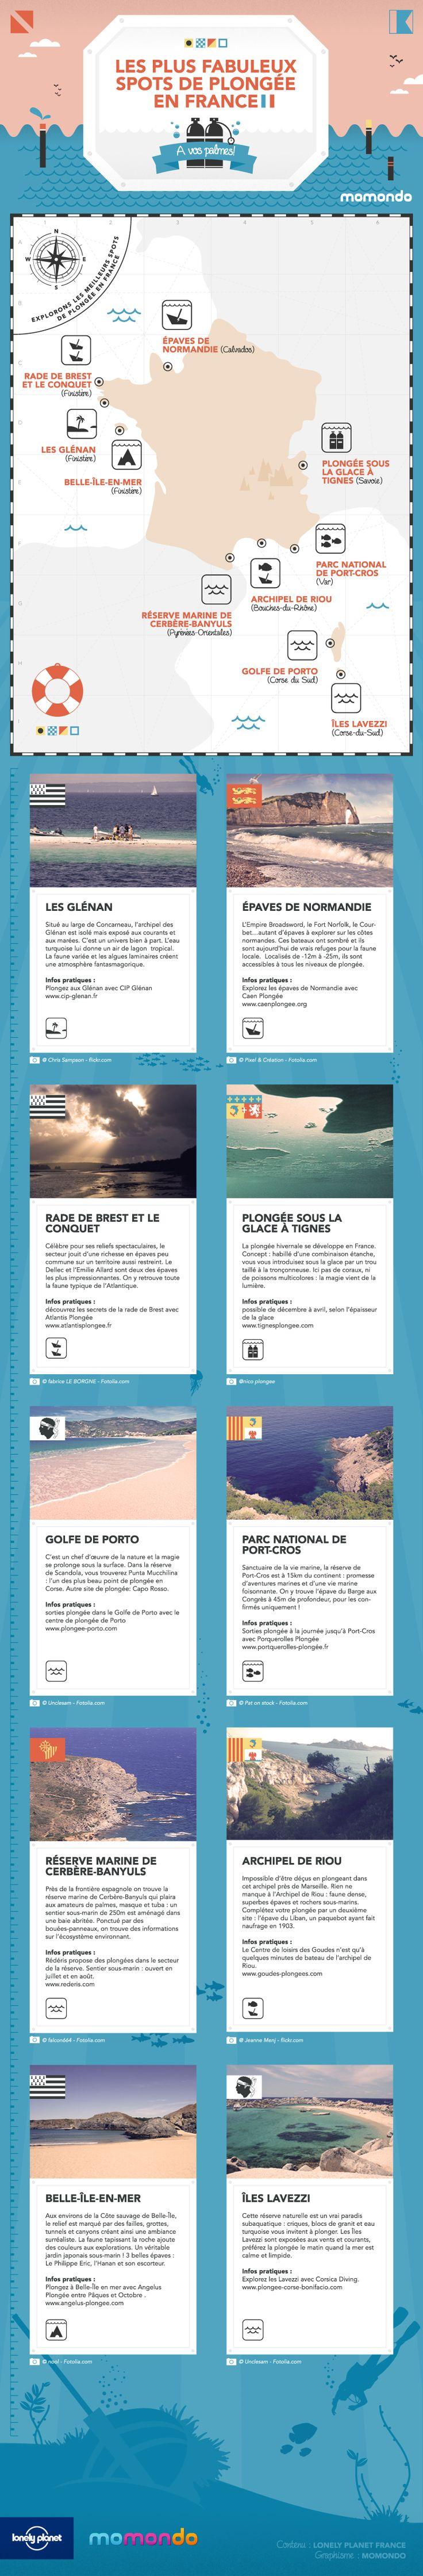 Où faire de la plongée en France: les 10 meilleurs endroits – momondo